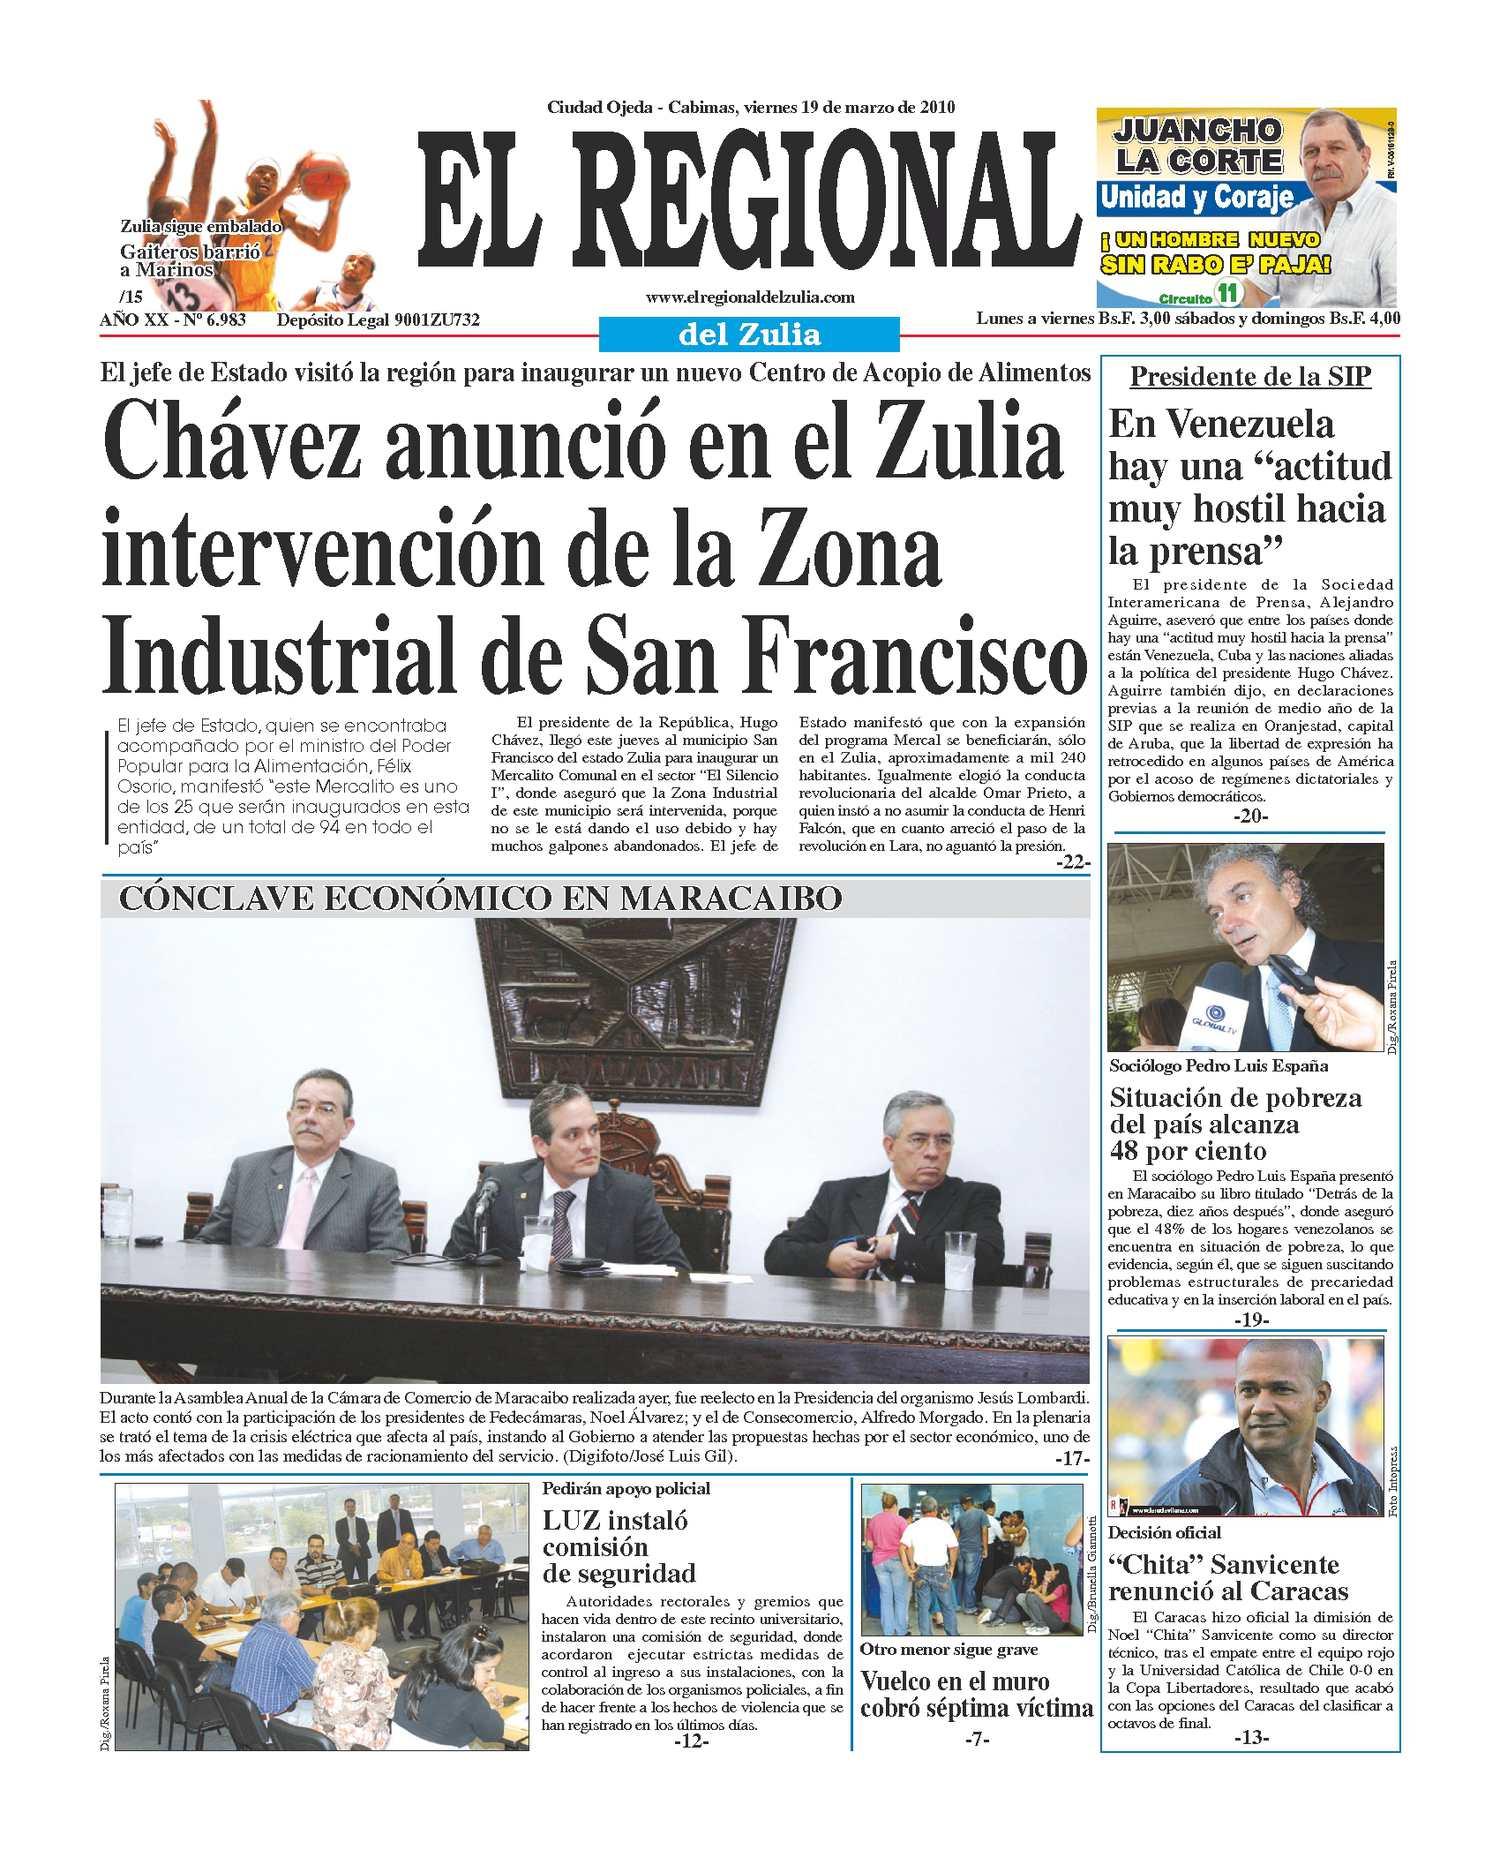 El Regional del Zulia 19-03-2010